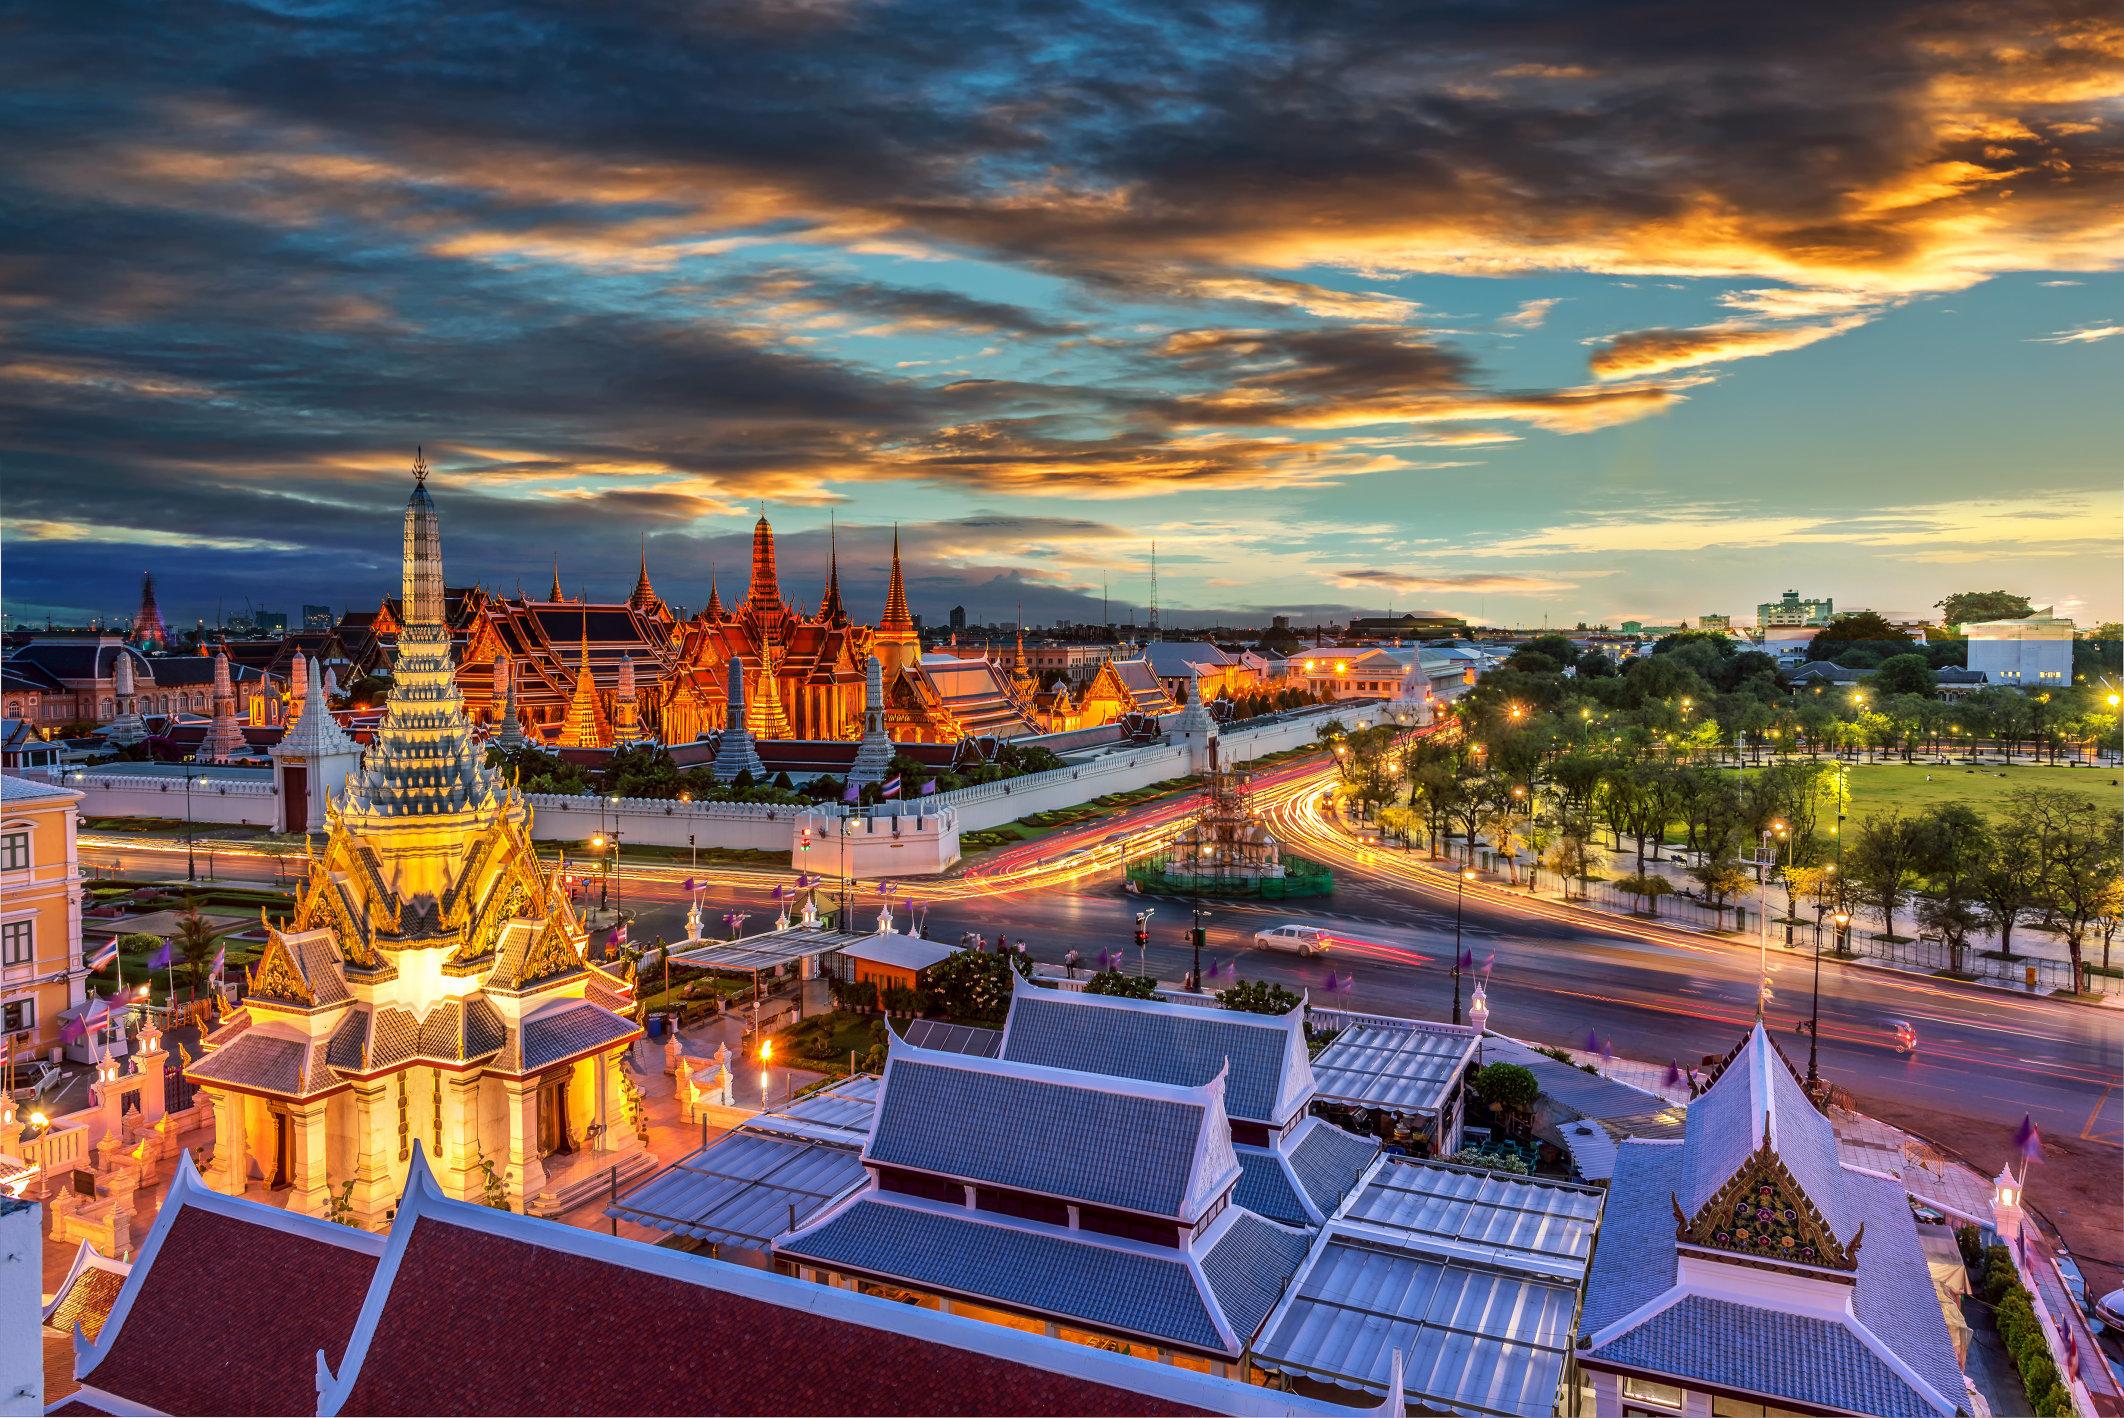 Grand palace and Wat phra keaw at sunset , bangkok Thailand